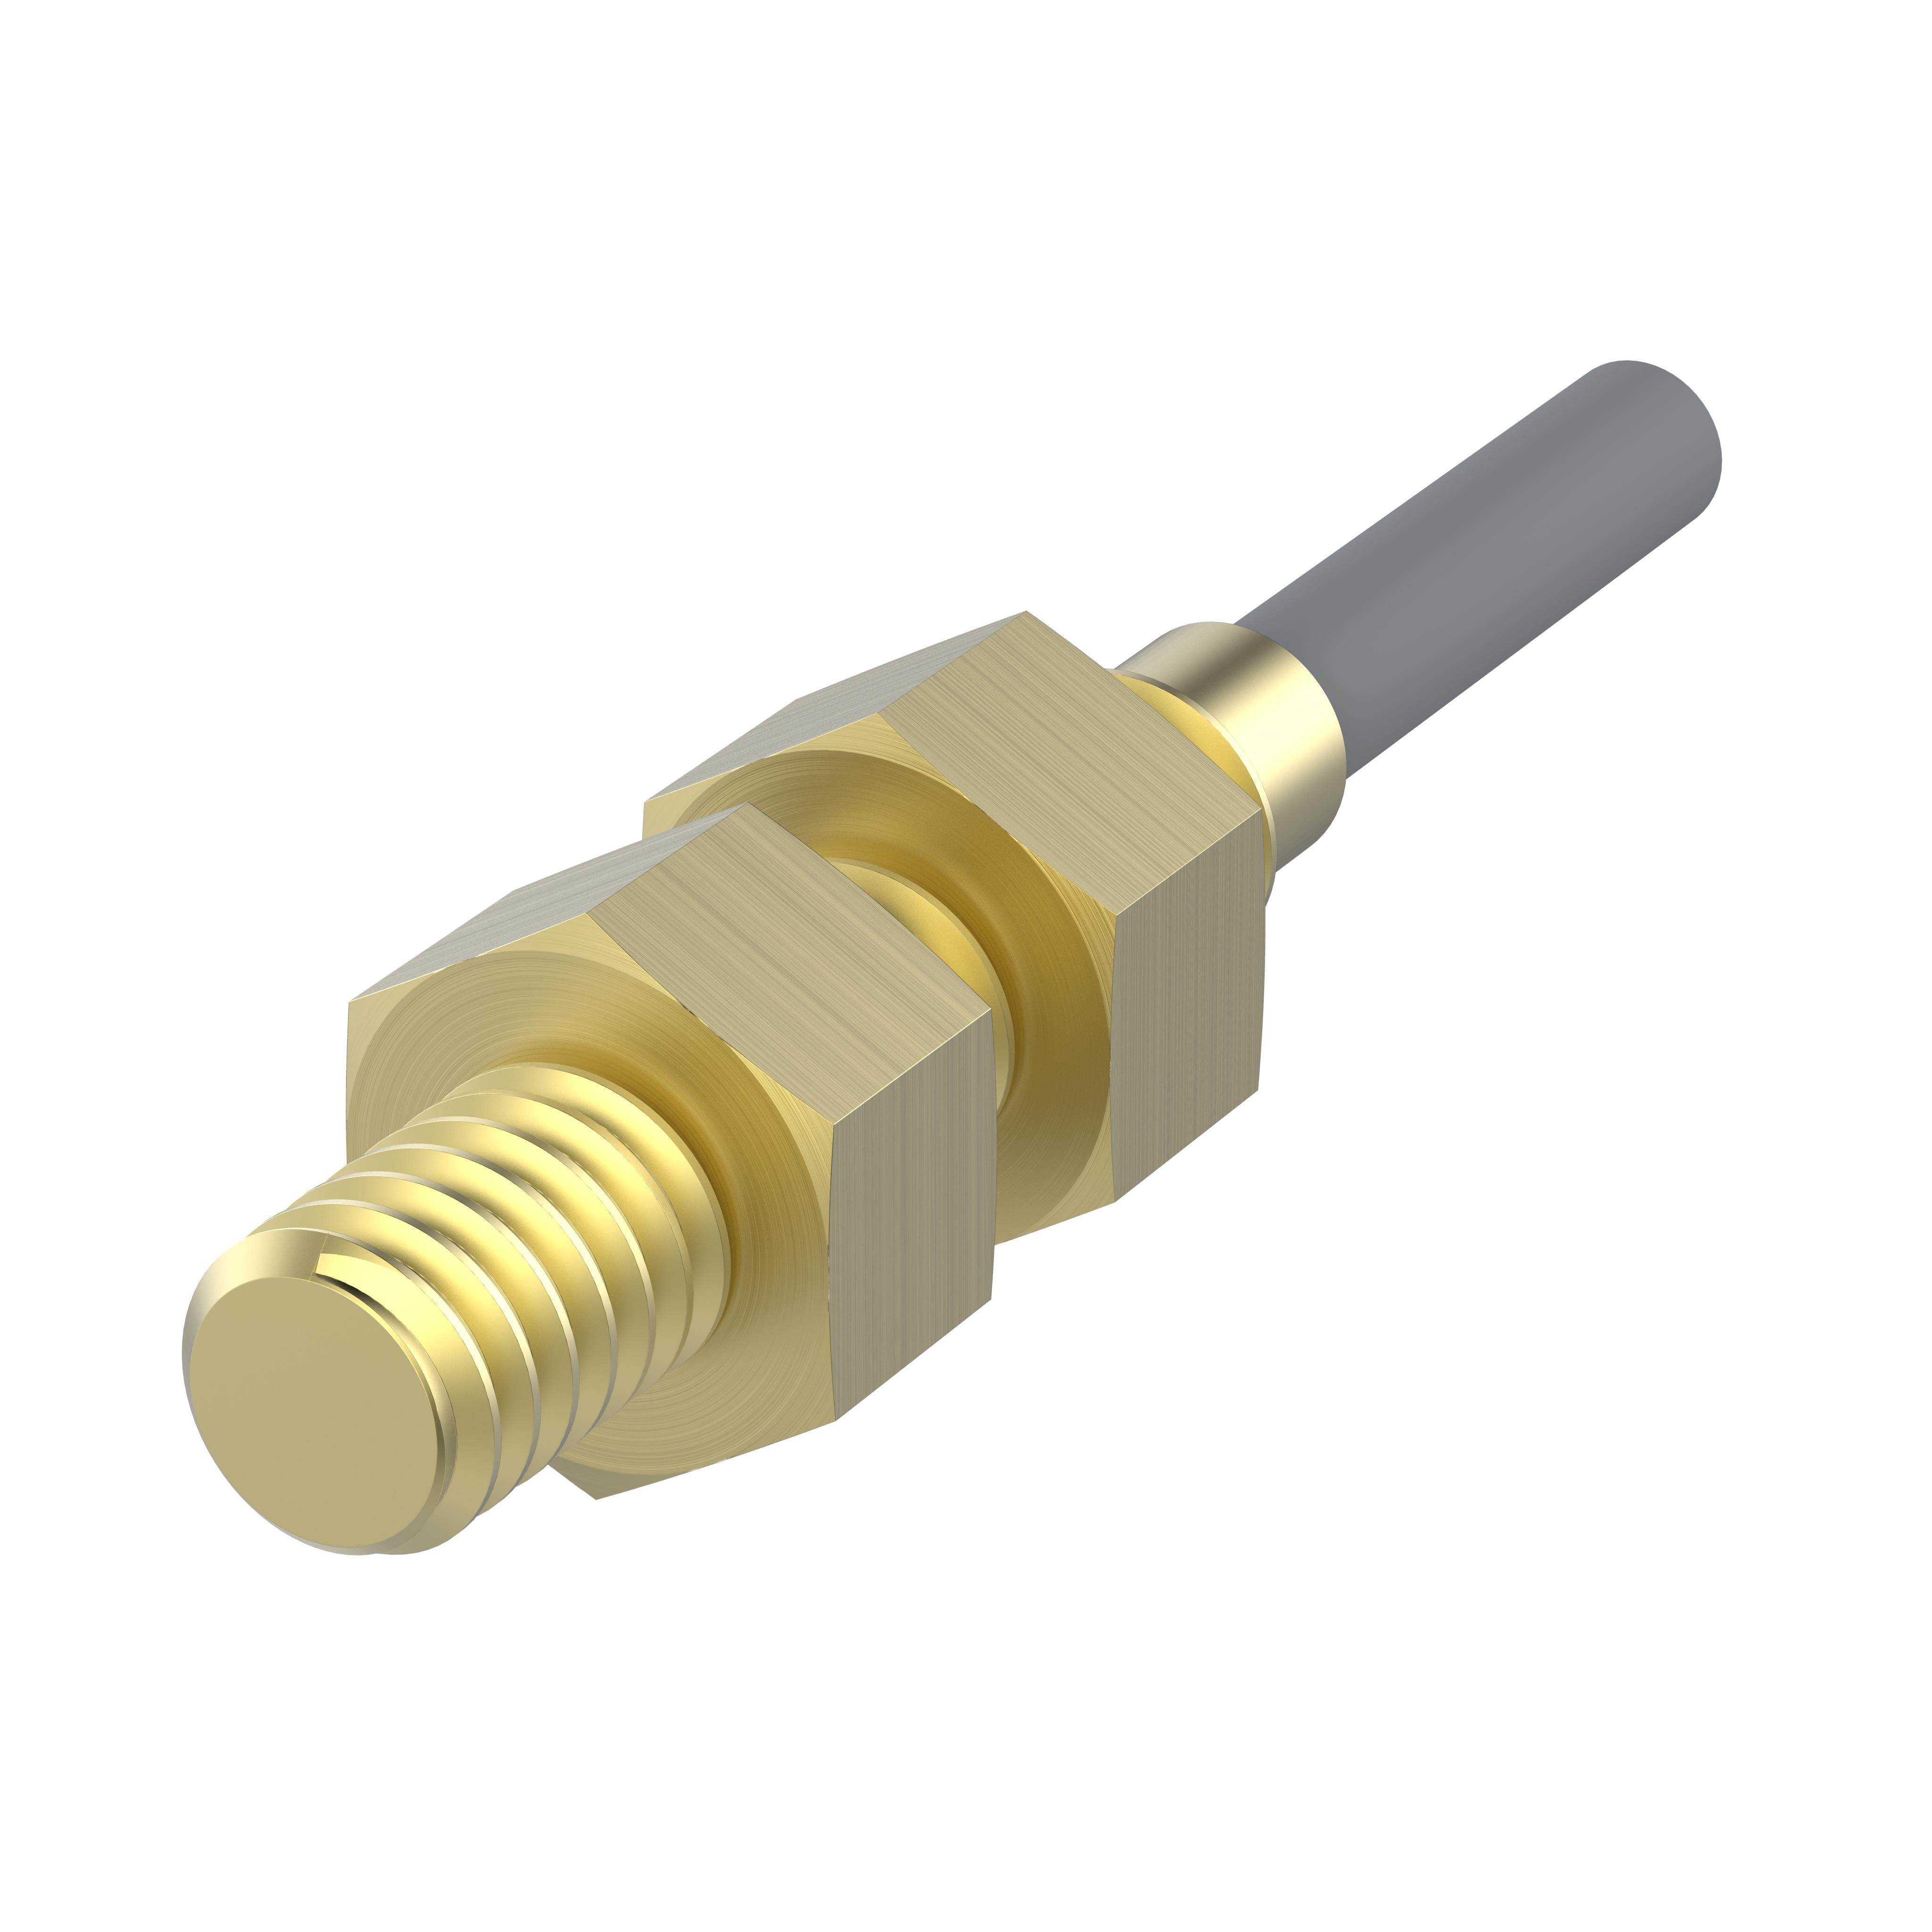 Näherungsschalter - Magnetsensor - 133210 - Schließer, 1m PVC Kabel